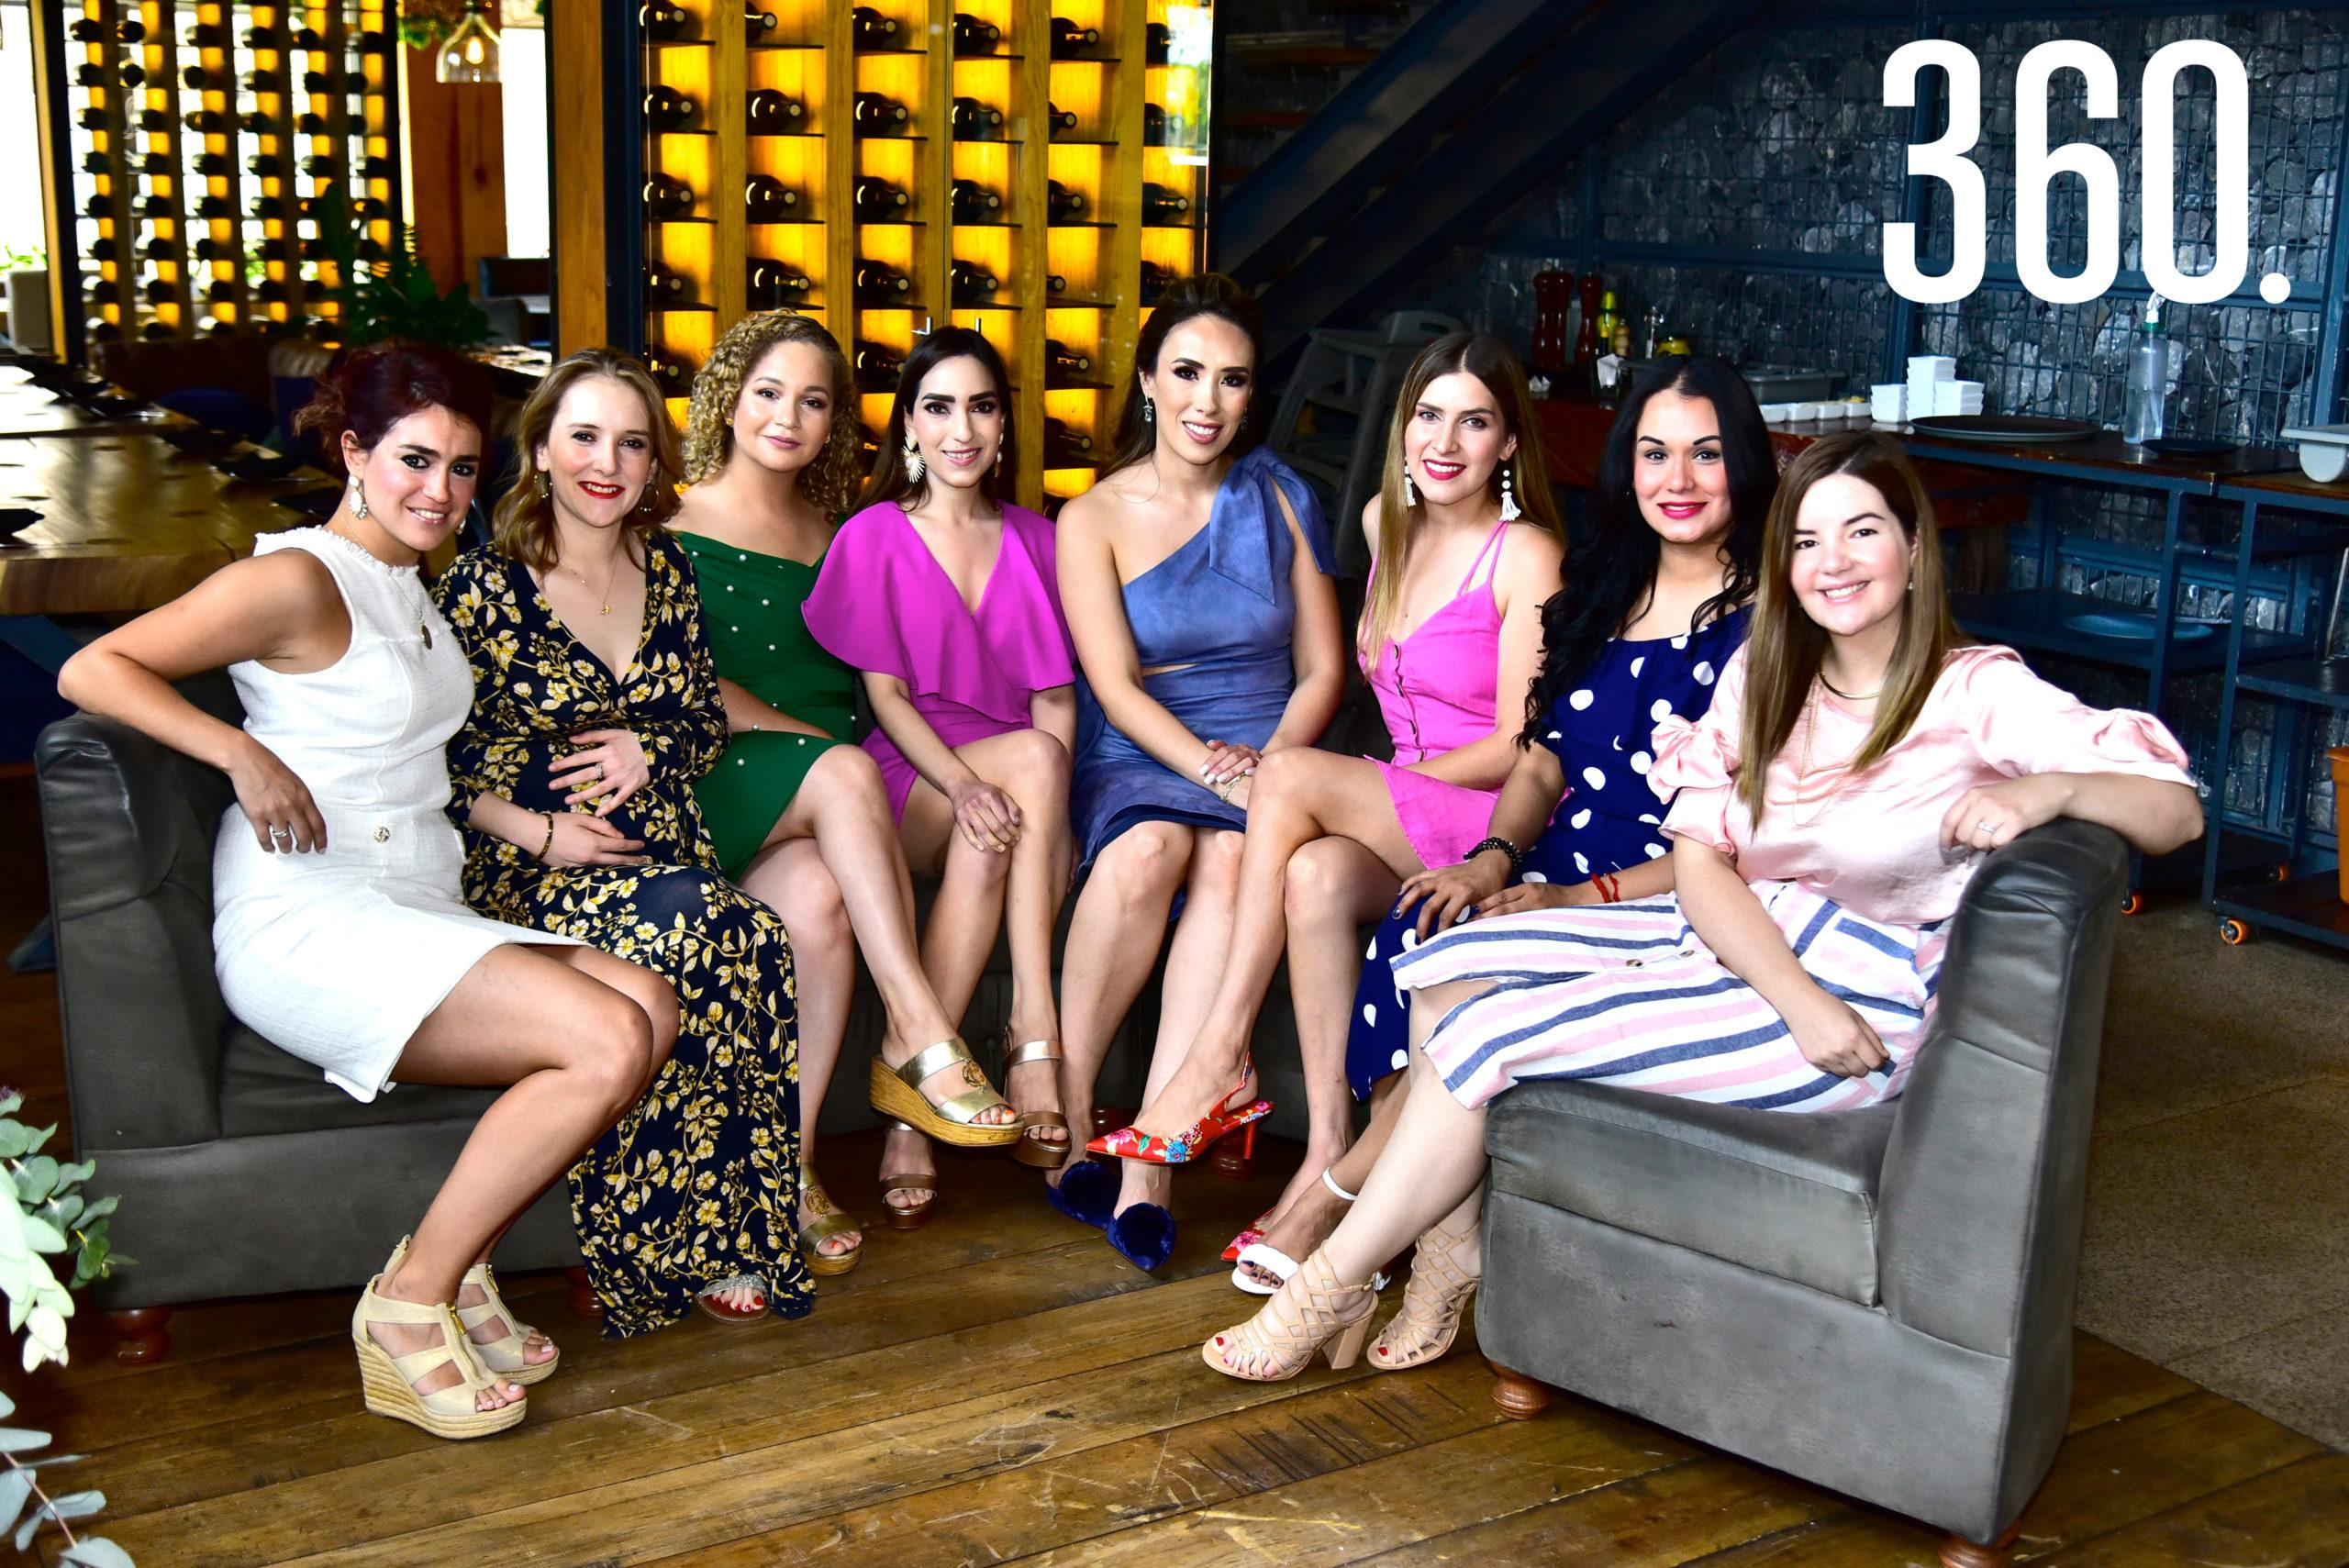 Pamela Villarreal, Cynthia Robles, Claudia López, Ceci Aguirre, Lorena Villanueva, Mónica Lozano, Gabriela Moreno y Ale Pereznegrón.